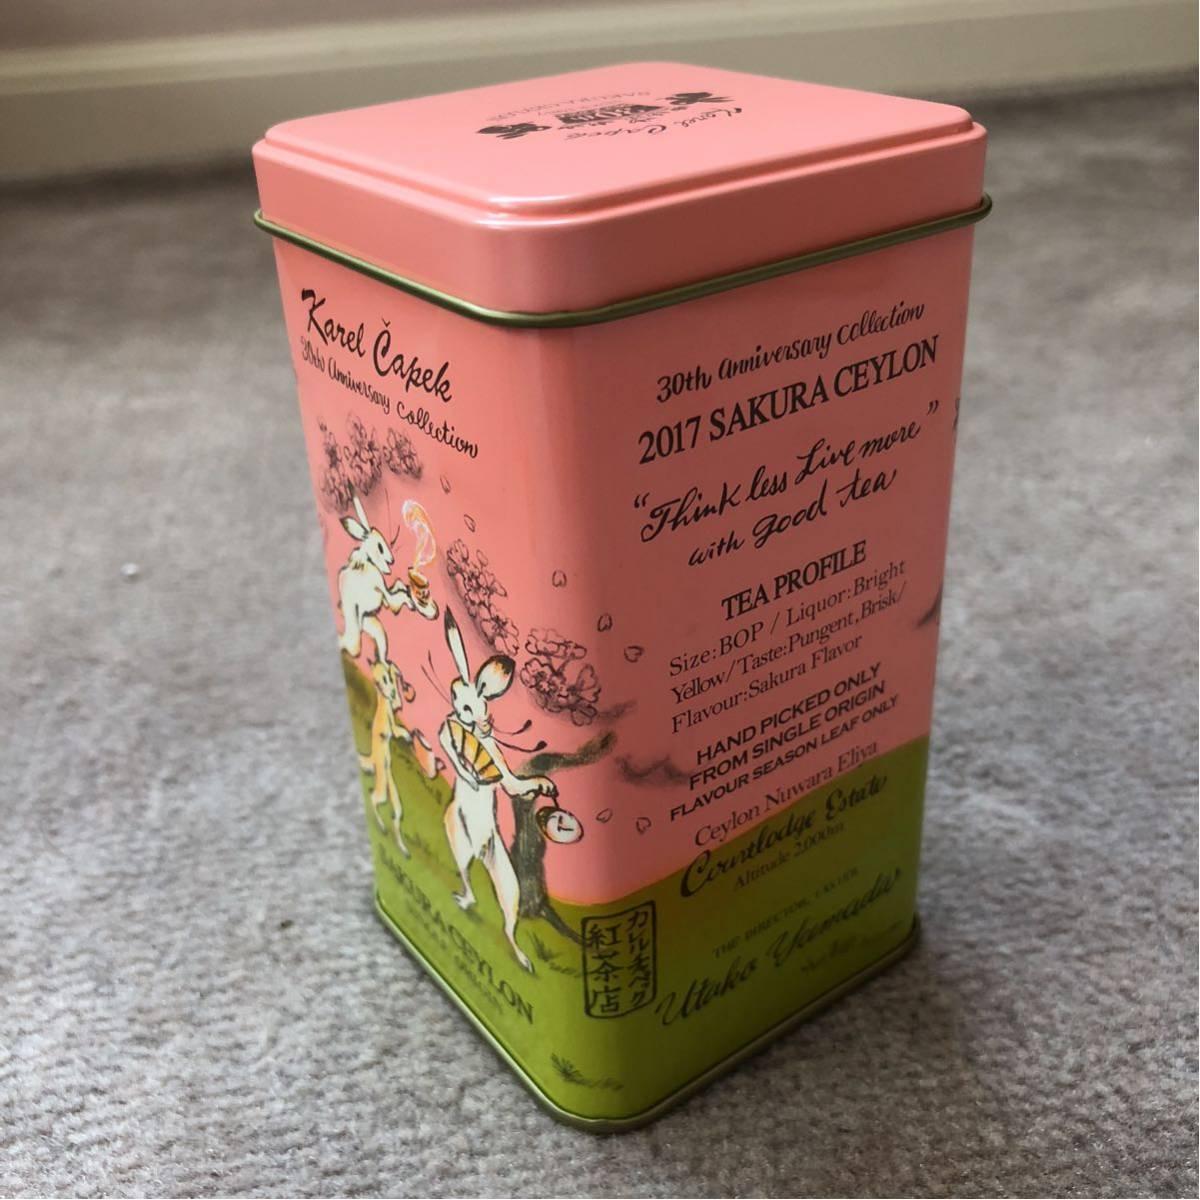 ★カレルチャペック紅茶店の可愛い紅茶空き缶ピンク桜柄★_画像4